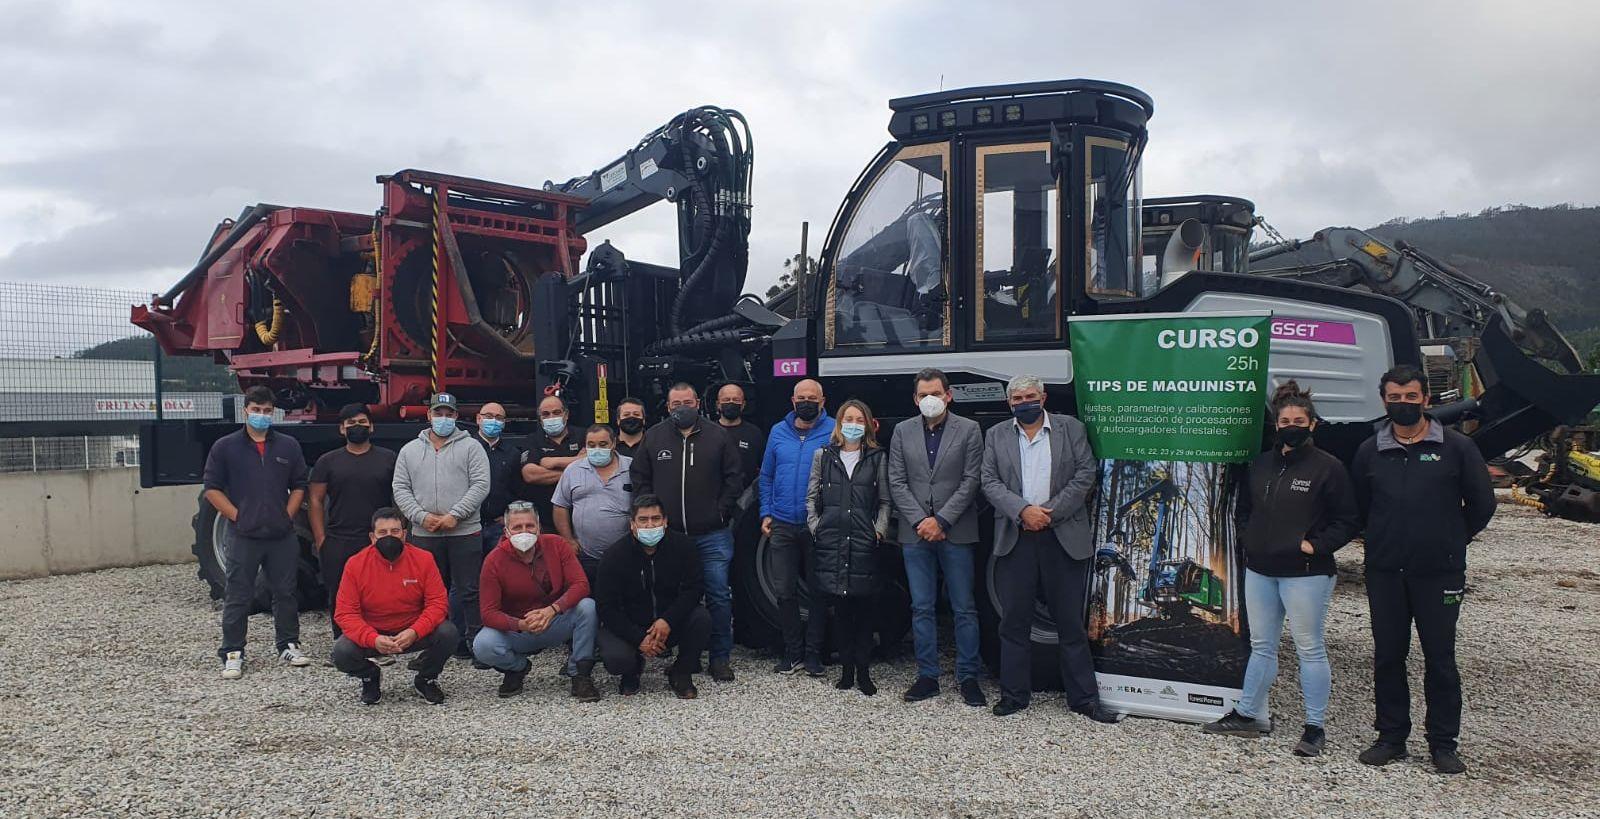 O director da Axencia Galega da Industria Forestal, Ignacio Lema, asistiu en Barreiros a unha acción formativa organizada por Lugo Madera e que conta co apoio do Goberno galego